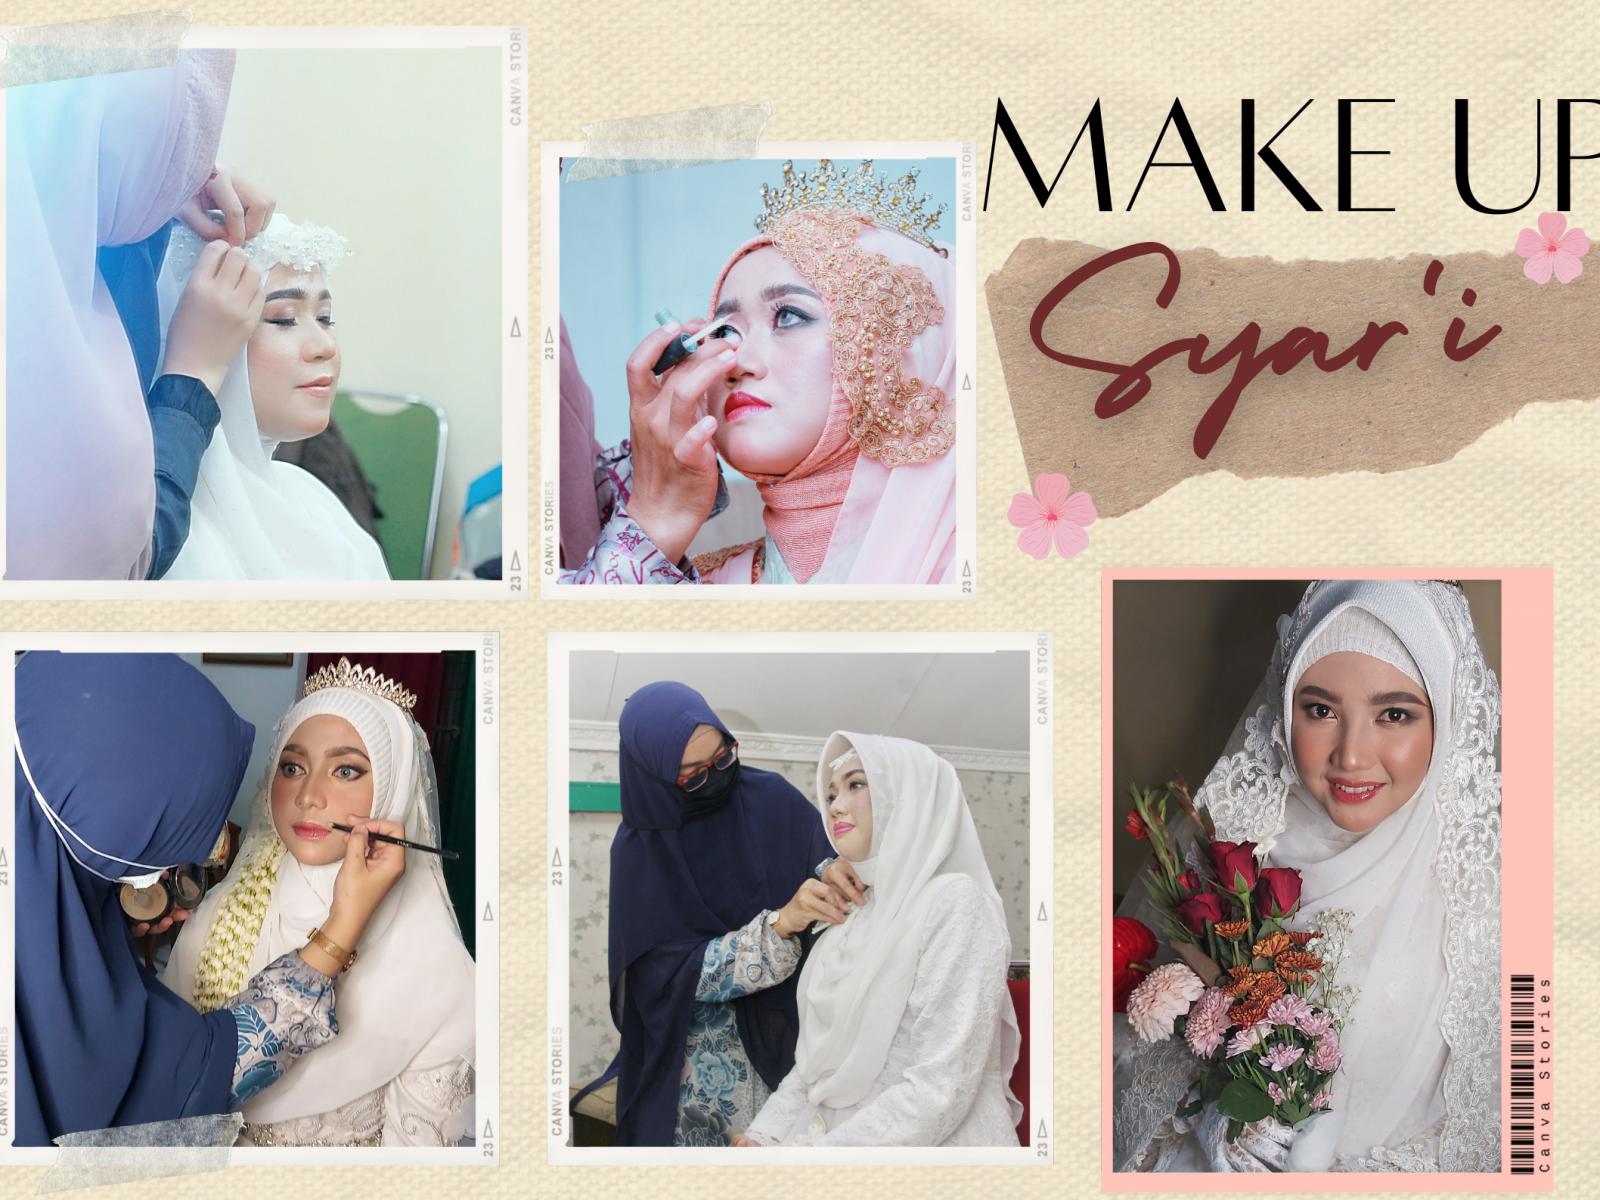 Pelopor Make Up Syari Pengantin Professional di Indonesia sejak tahun 2014. Alat dan Bahan Make Up Halal, Tanpa cukur alis, tanpa bulu mata palsu. Dengan teknik khusus membuat Pengantin Muslimah makin terlihat cantik.